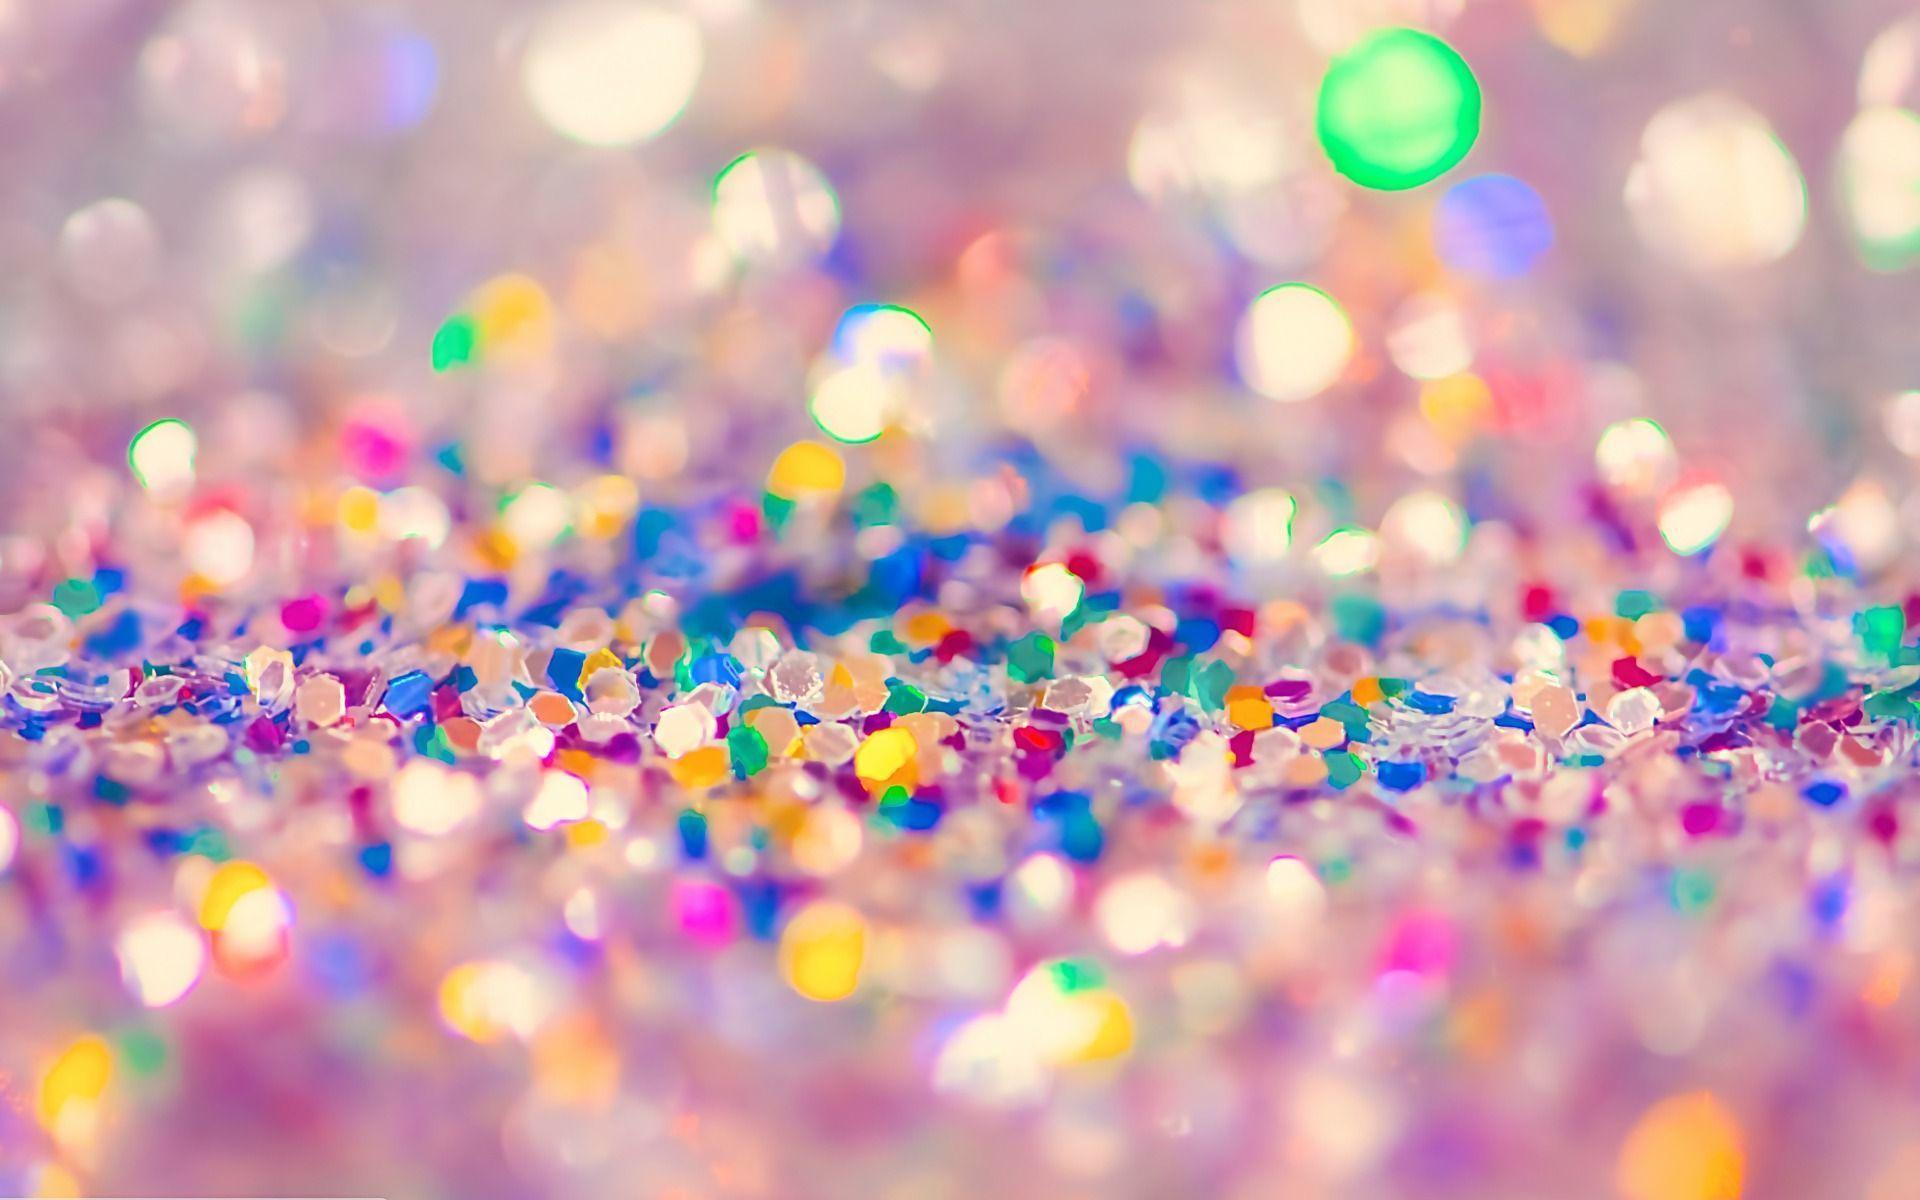 Sparkle desktop wallpaper for Trending wallpaper